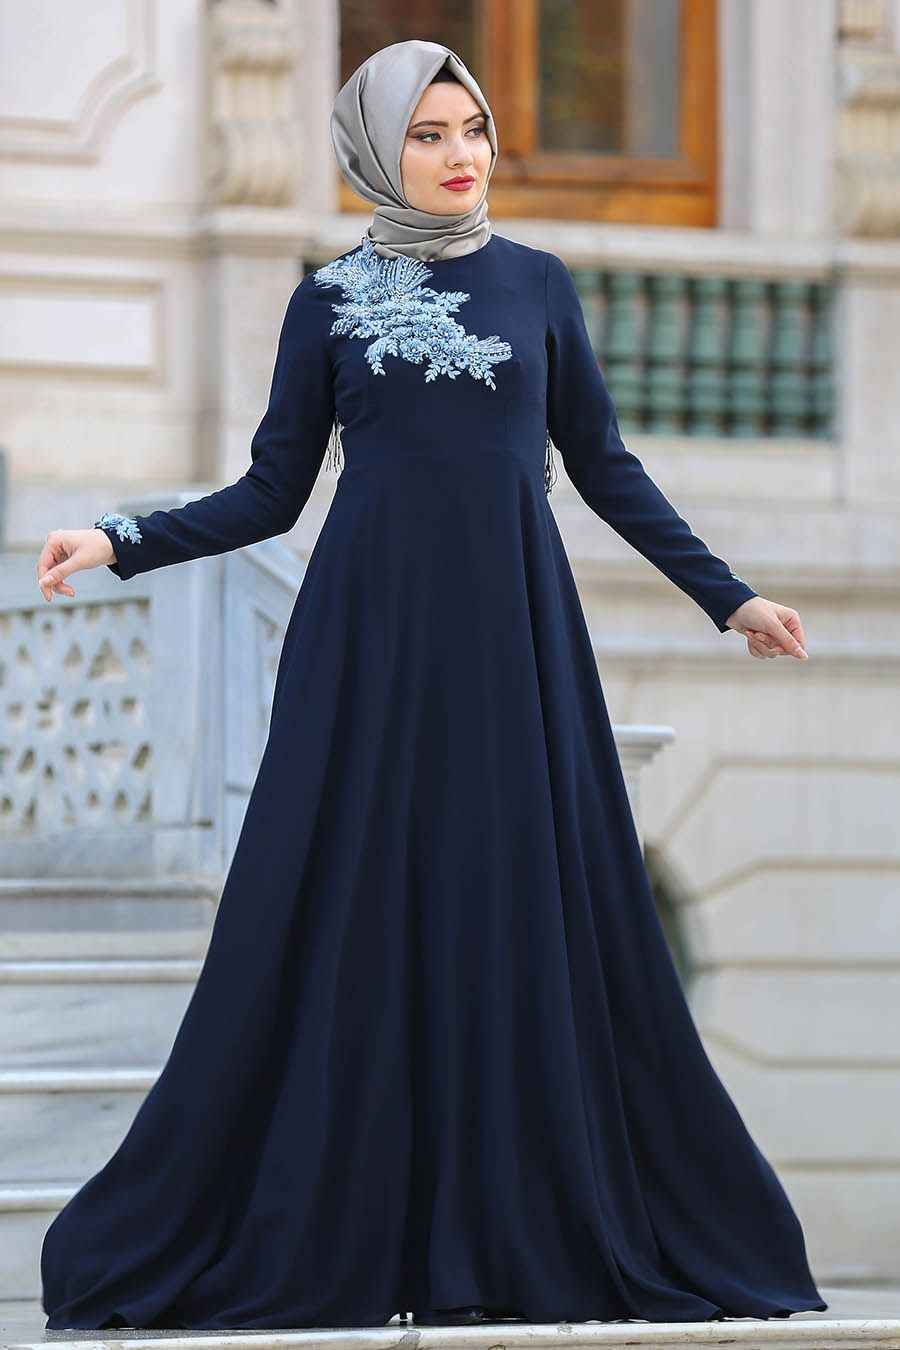 b55c7cf159233 2019 Tesettür Abiye Elbise Modelleri | Moda Tesettür Giyim